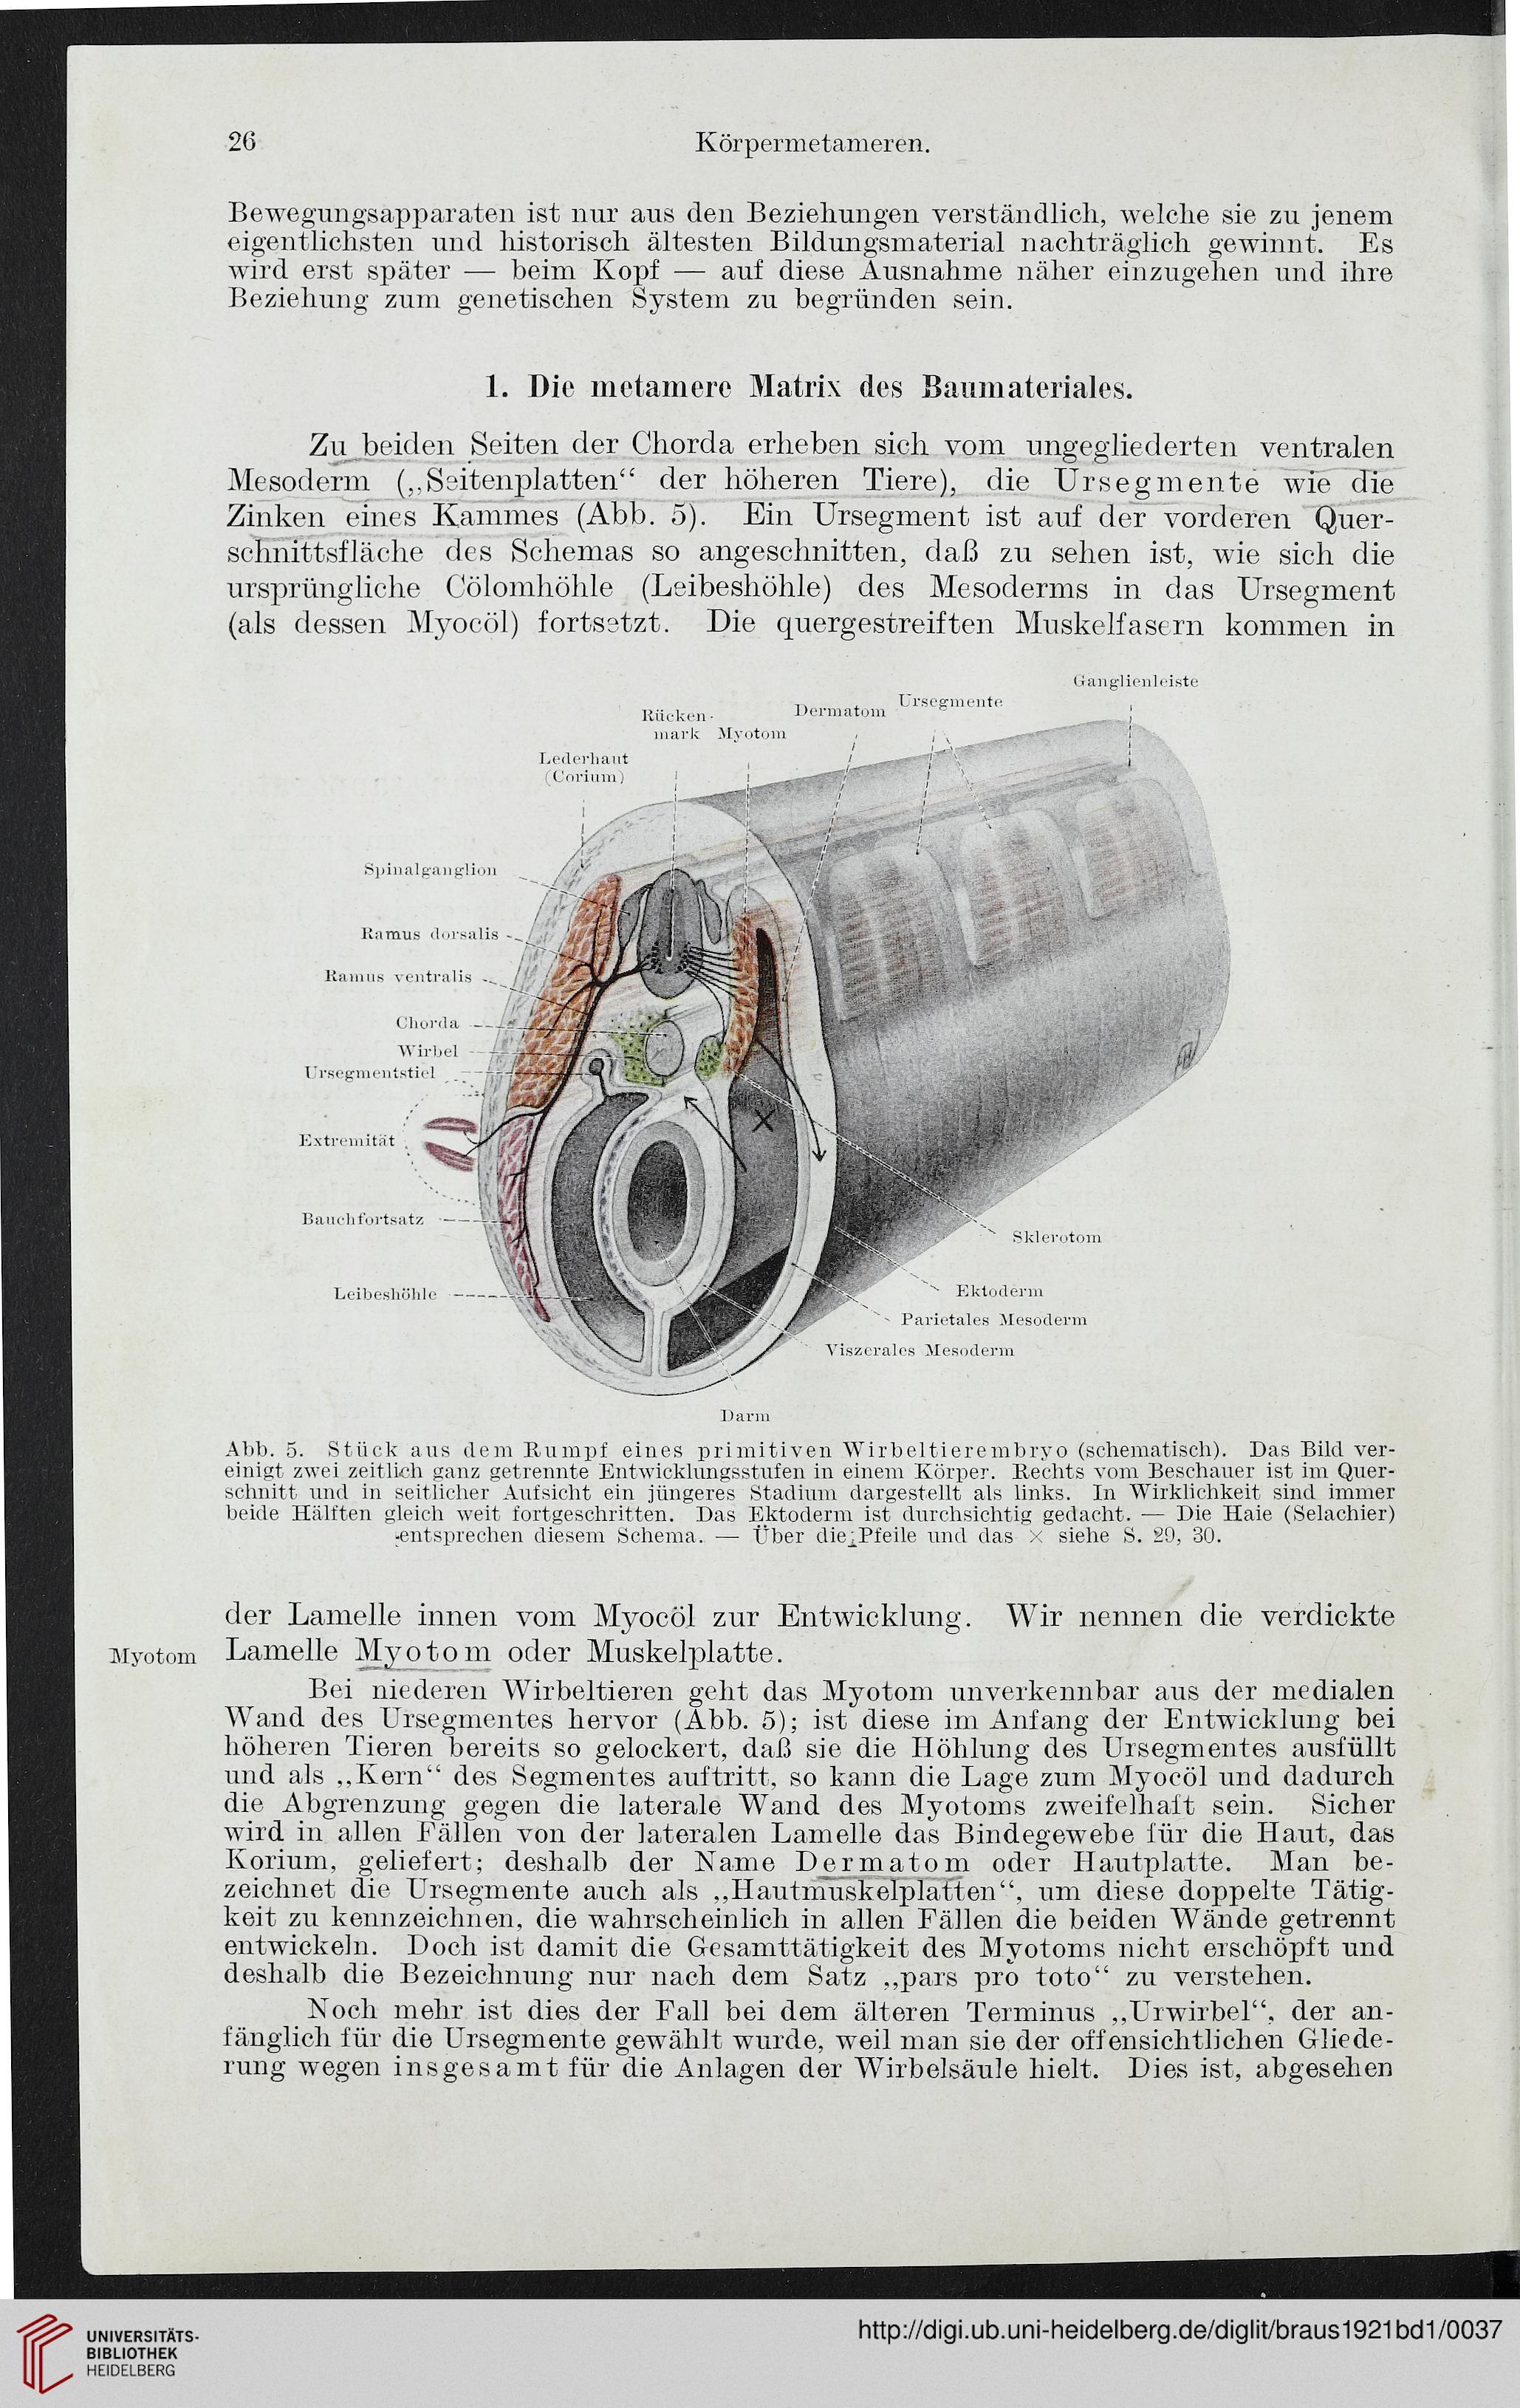 Ausgezeichnet Anatomie Einer Weinrebe Ideen - Menschliche Anatomie ...